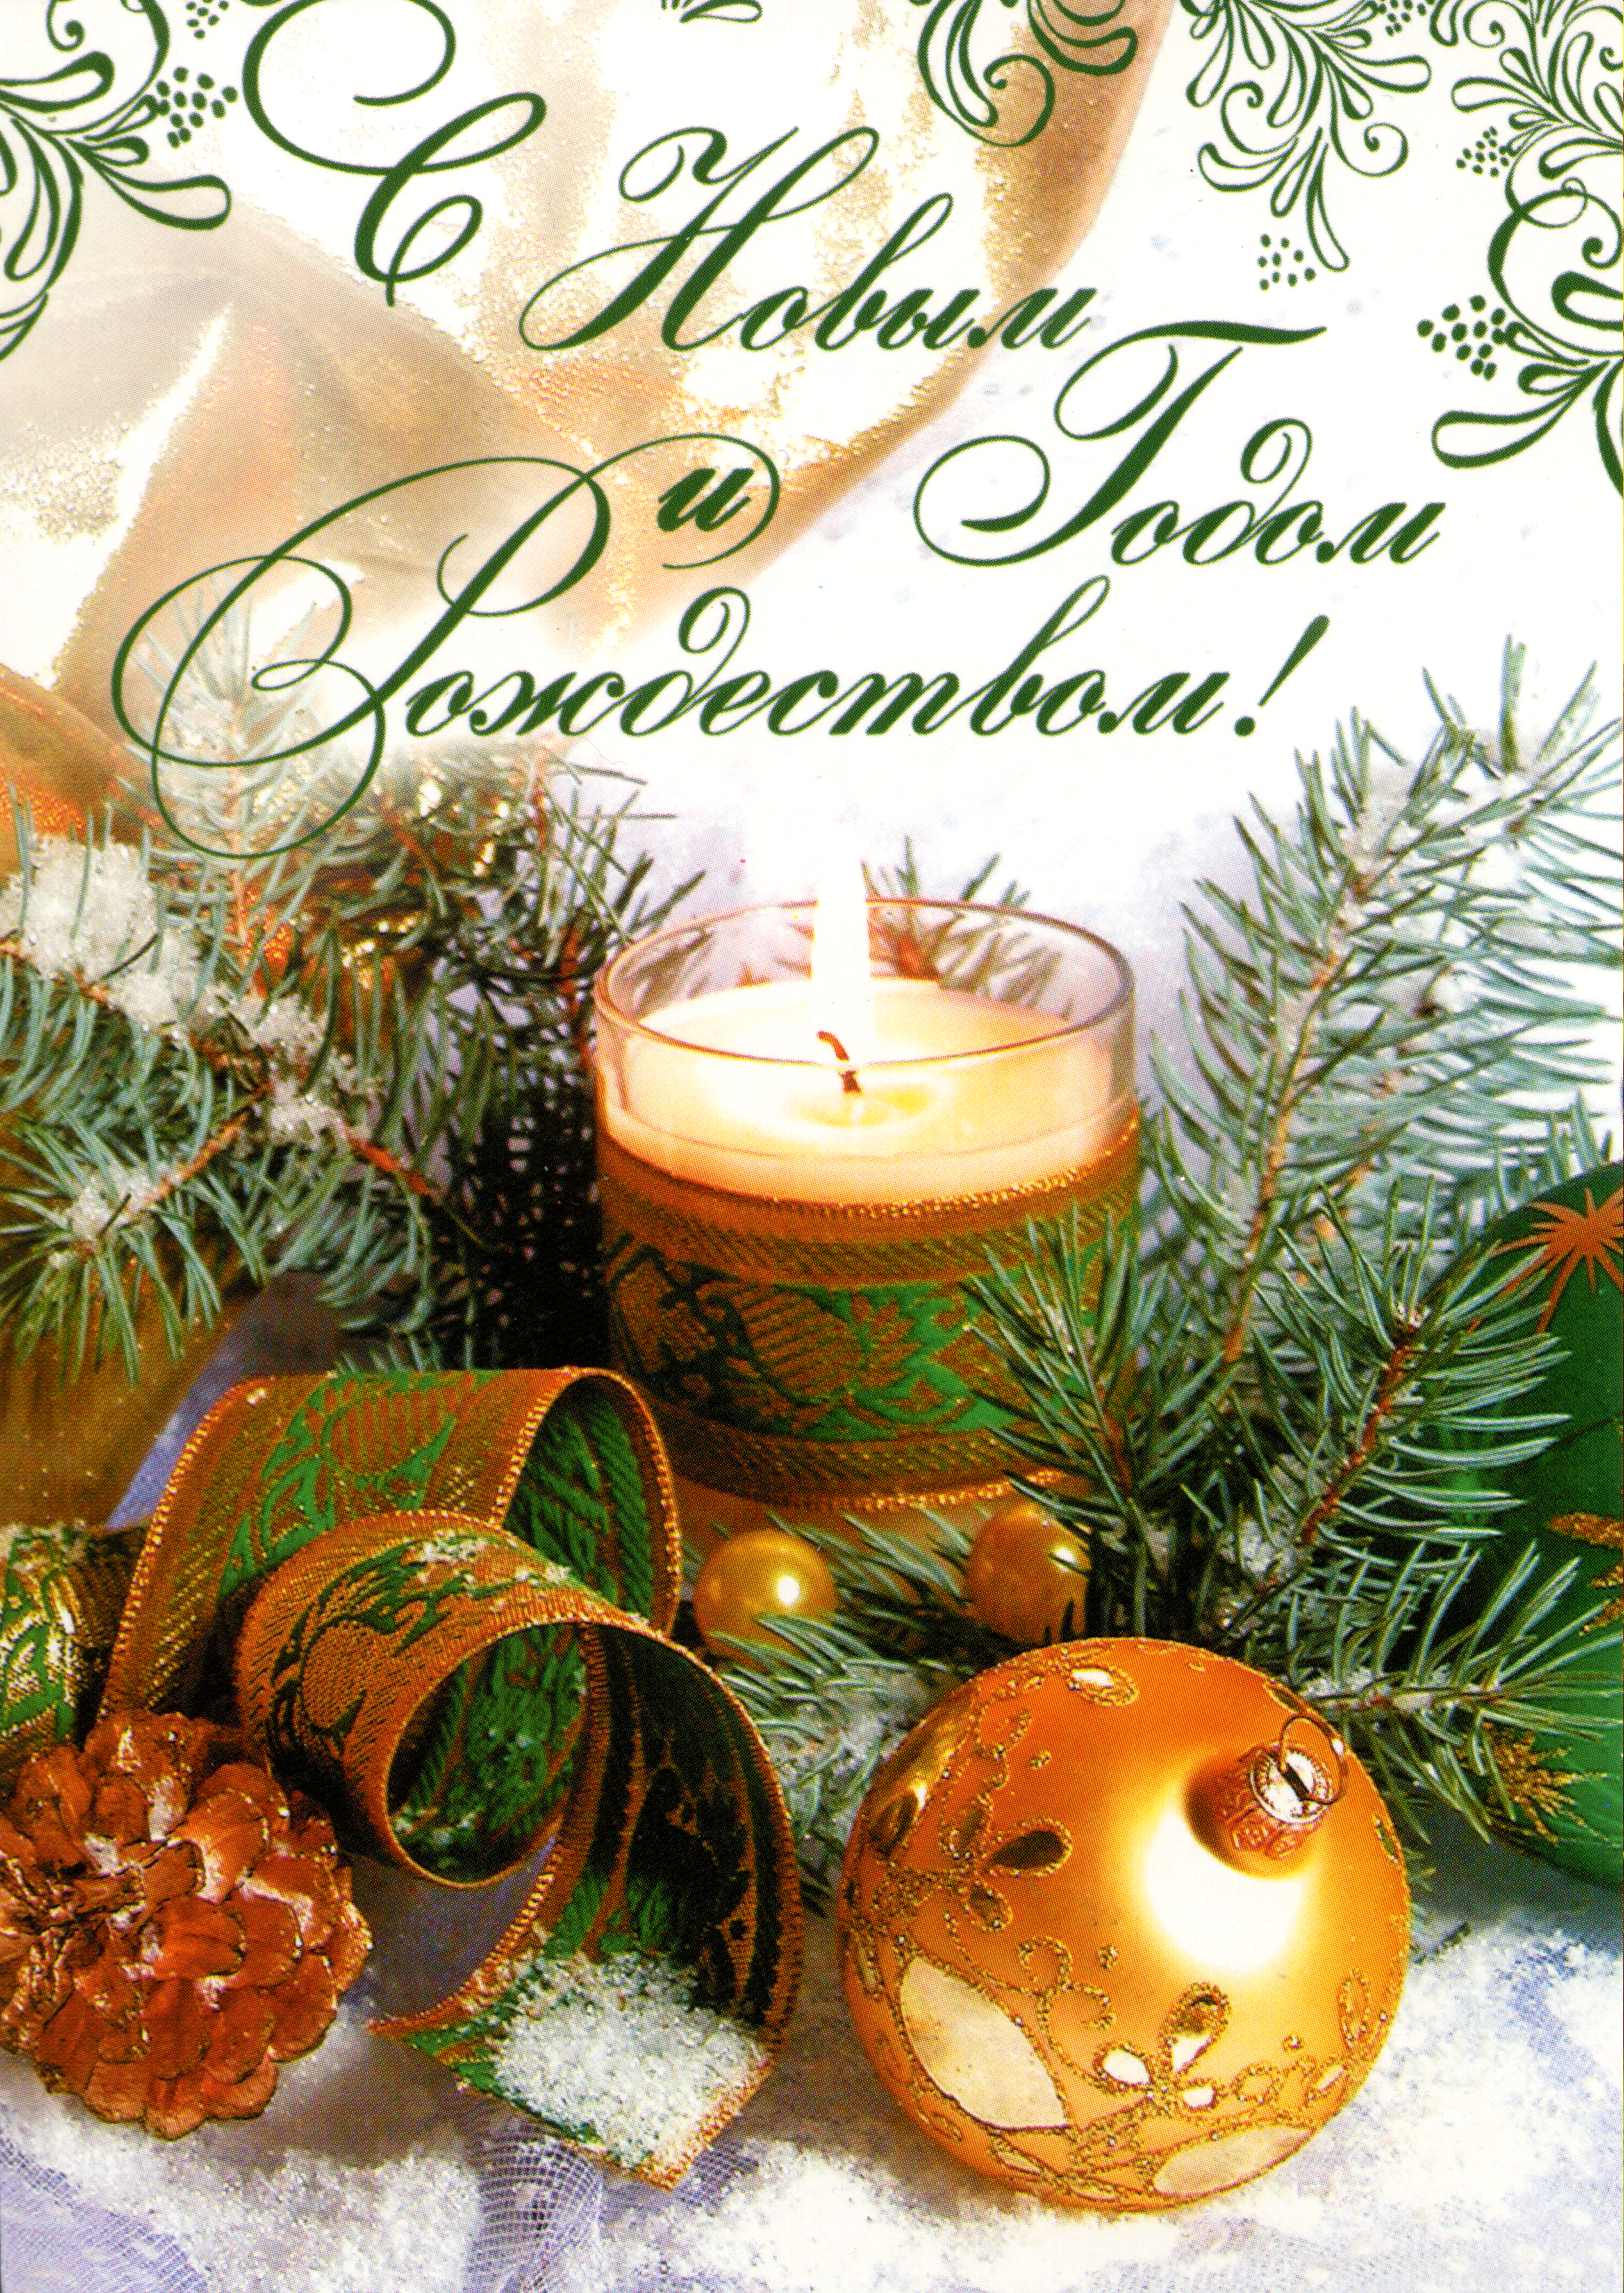 Поздравительная открытка с новым годом 2015 года, свадьба открытки